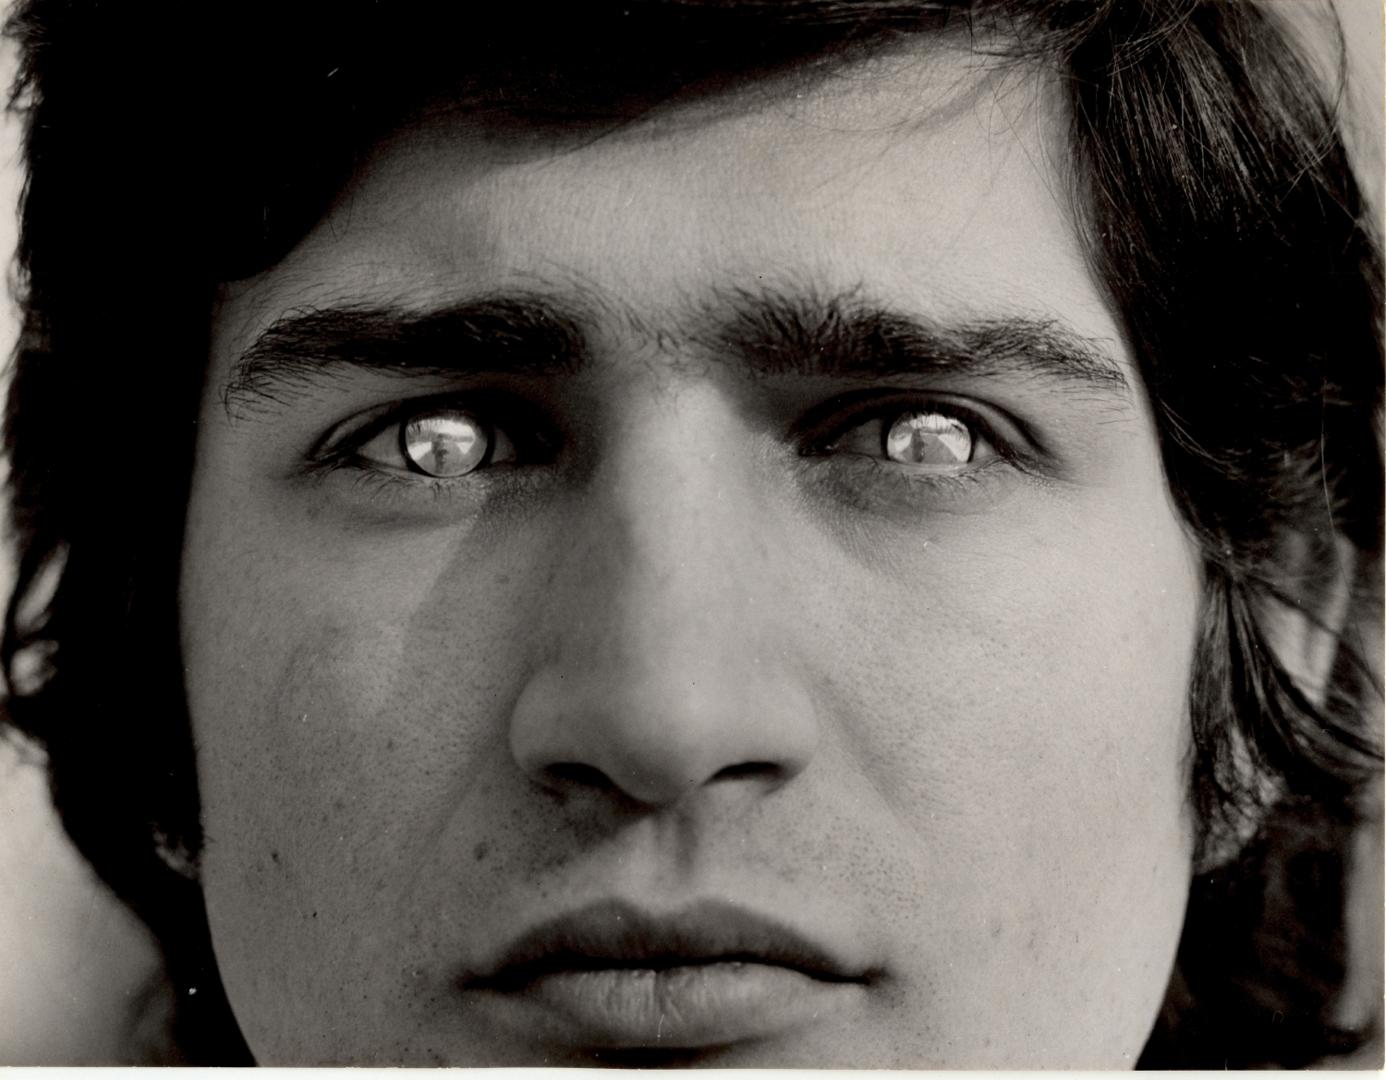 Rovesciare i propri occhi (To reverse one's eyes) image